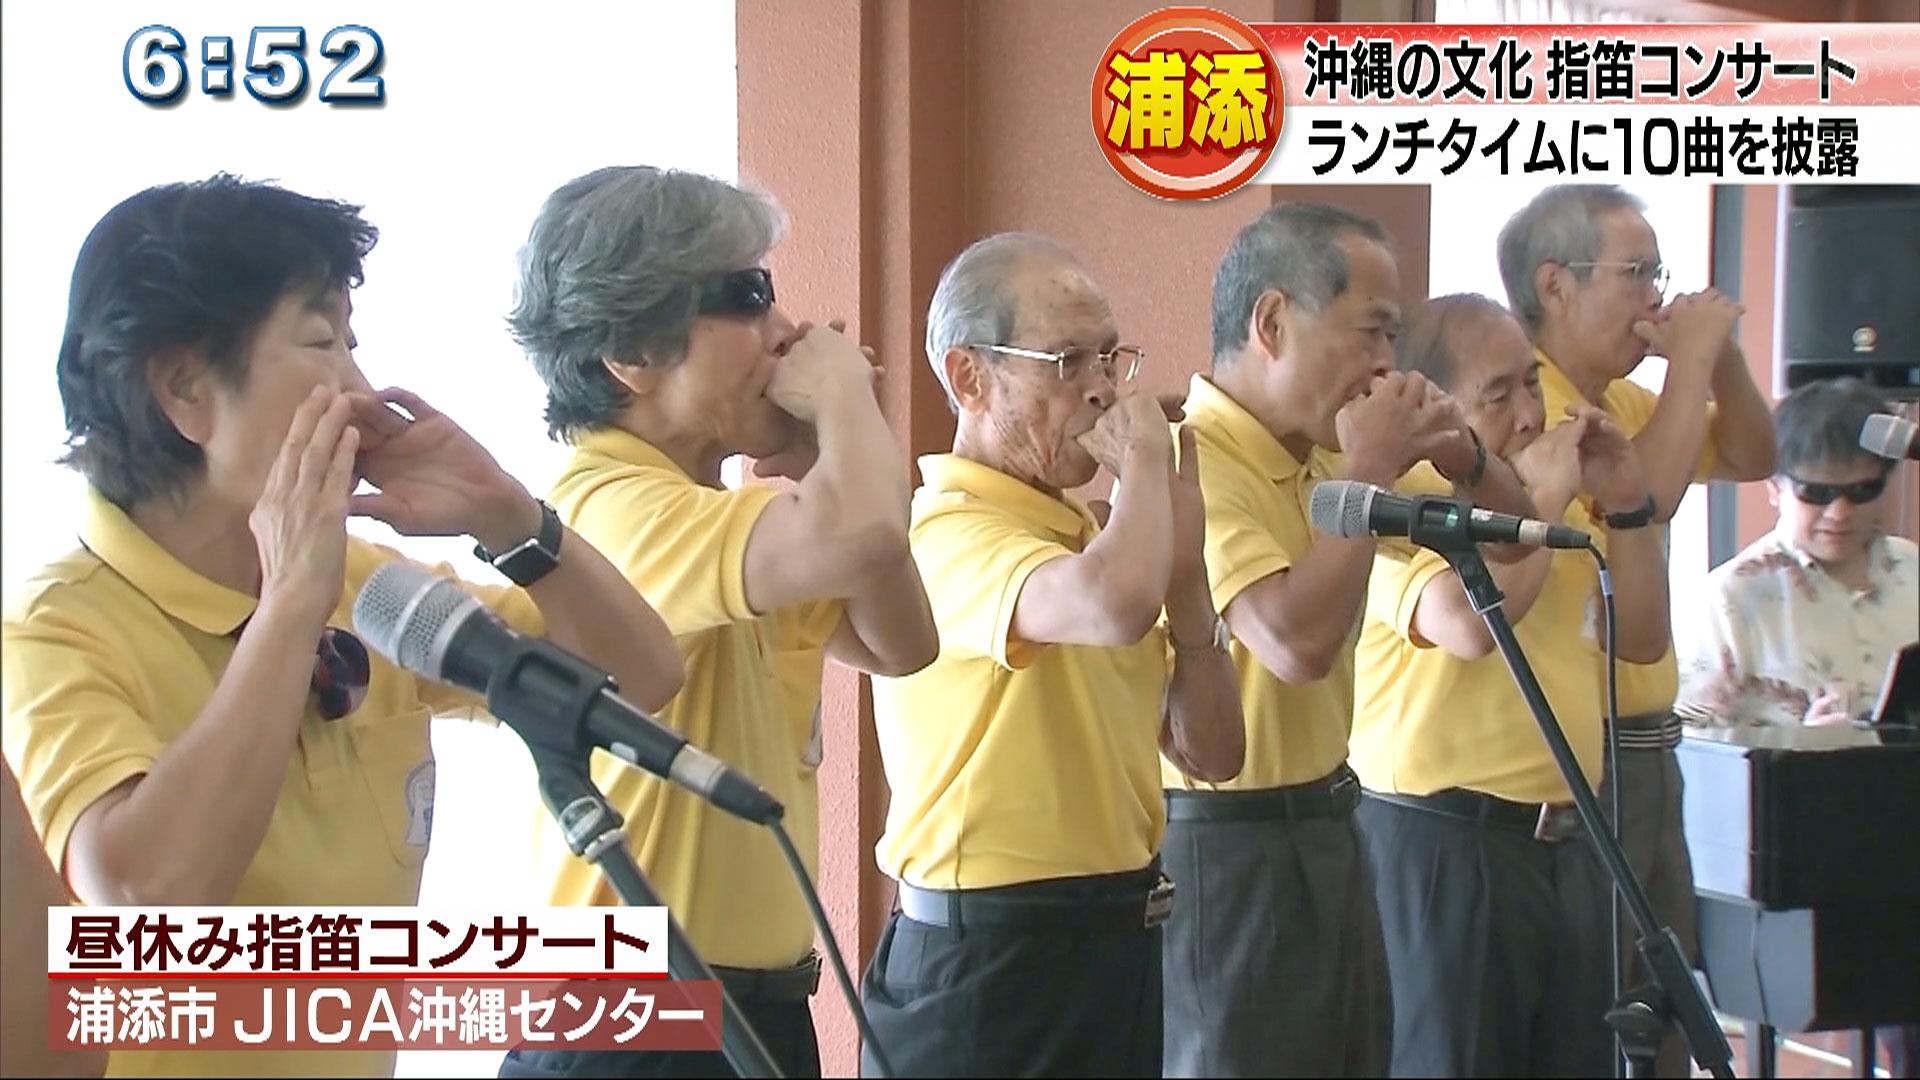 浦添市で指笛コンサート